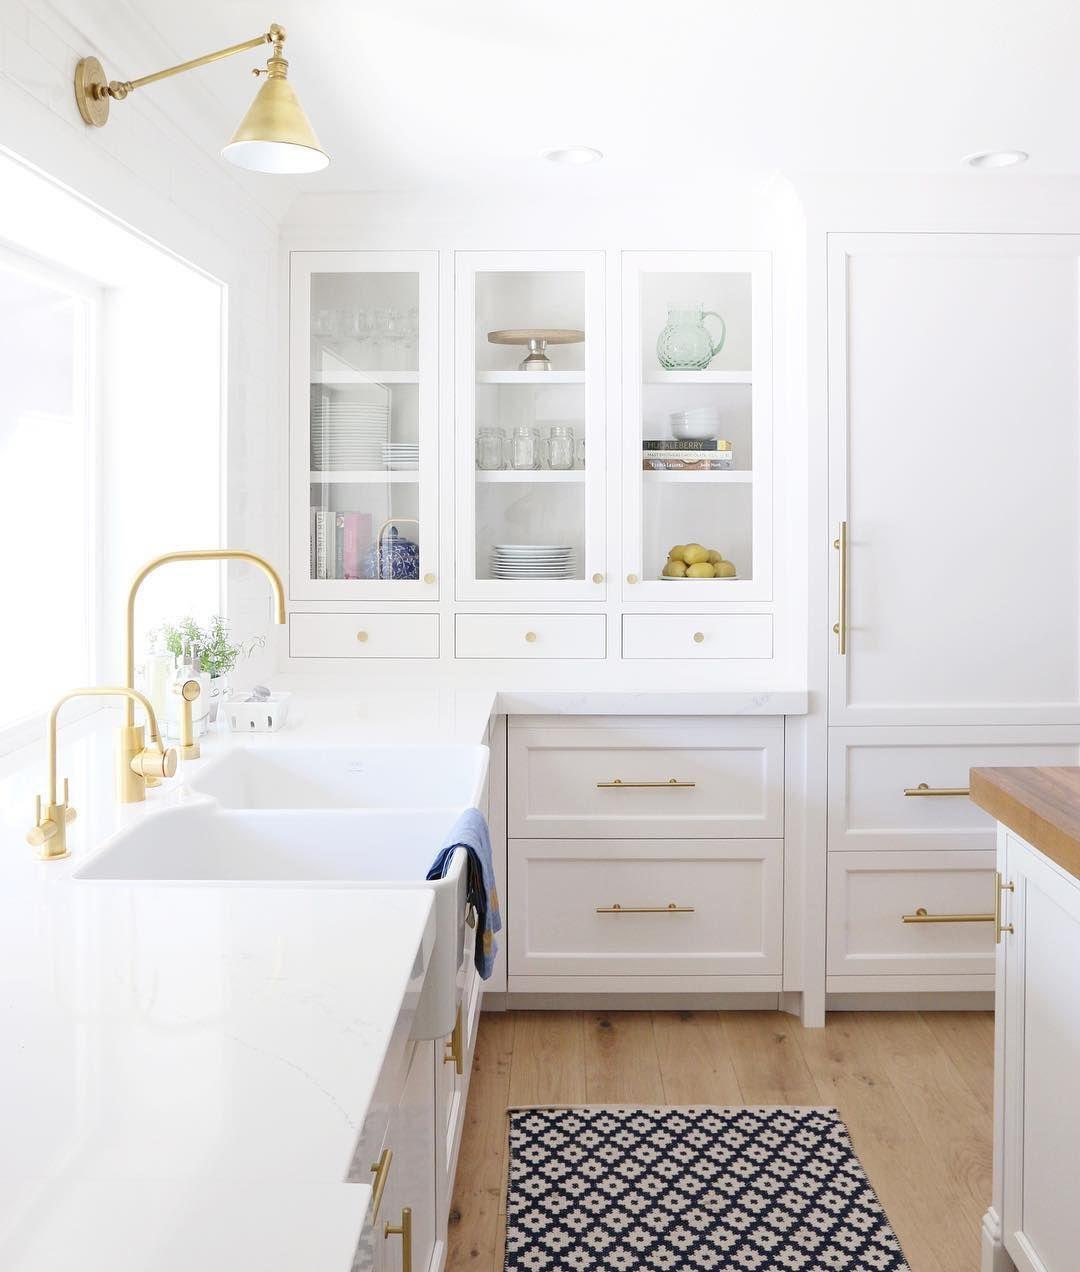 White + Gold kitchen | Kitchens | Pinterest | Gold kitchen, White ...